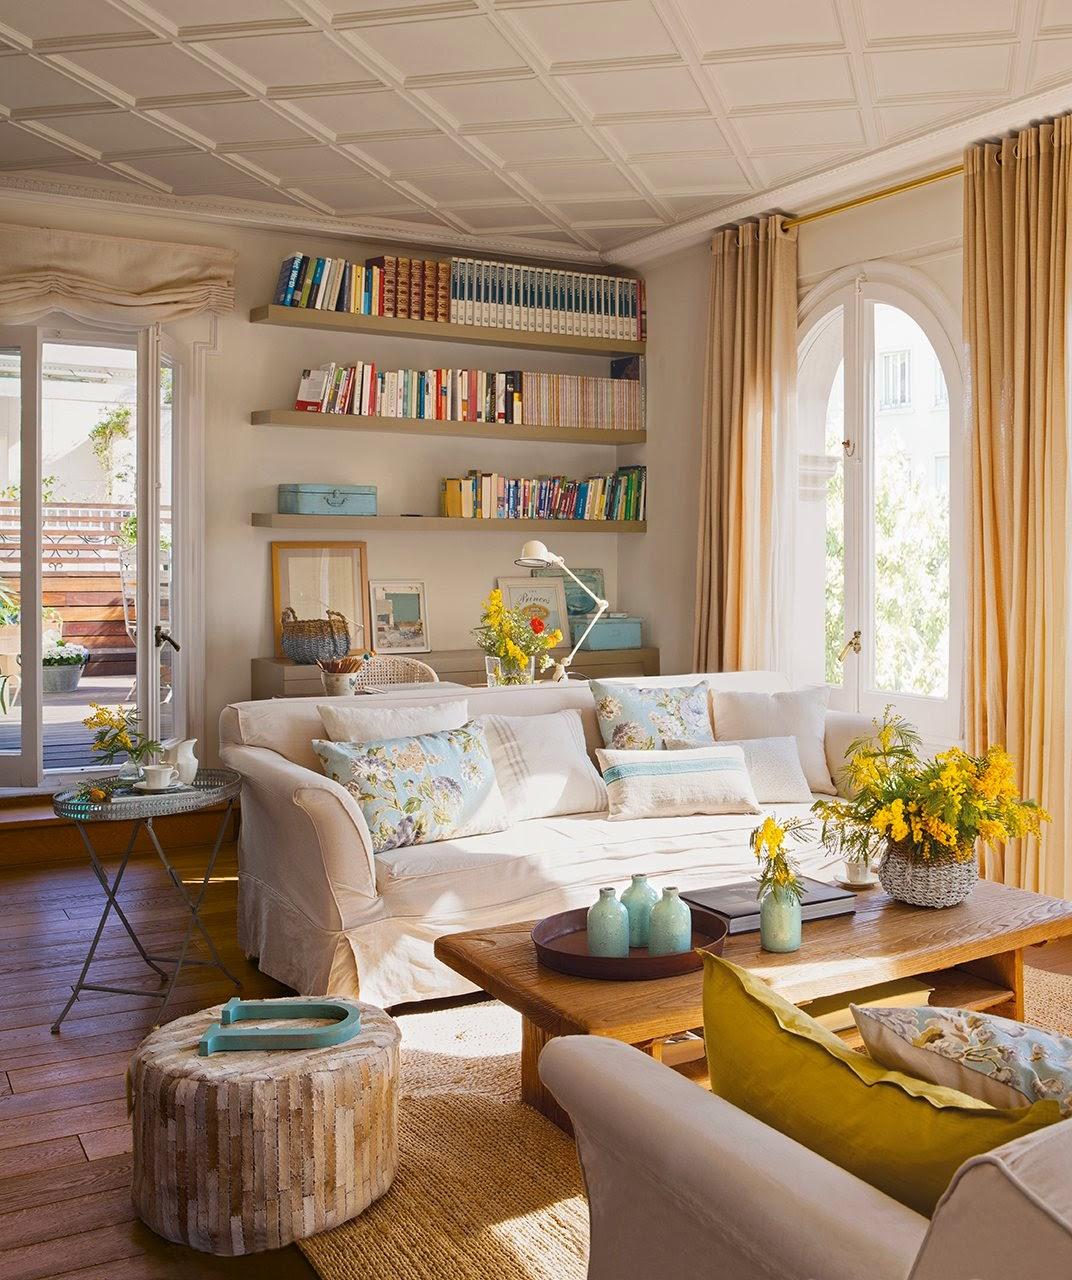 Гостиная в стиле романтик располагает к спокойному отдыху, чтению, релаксации